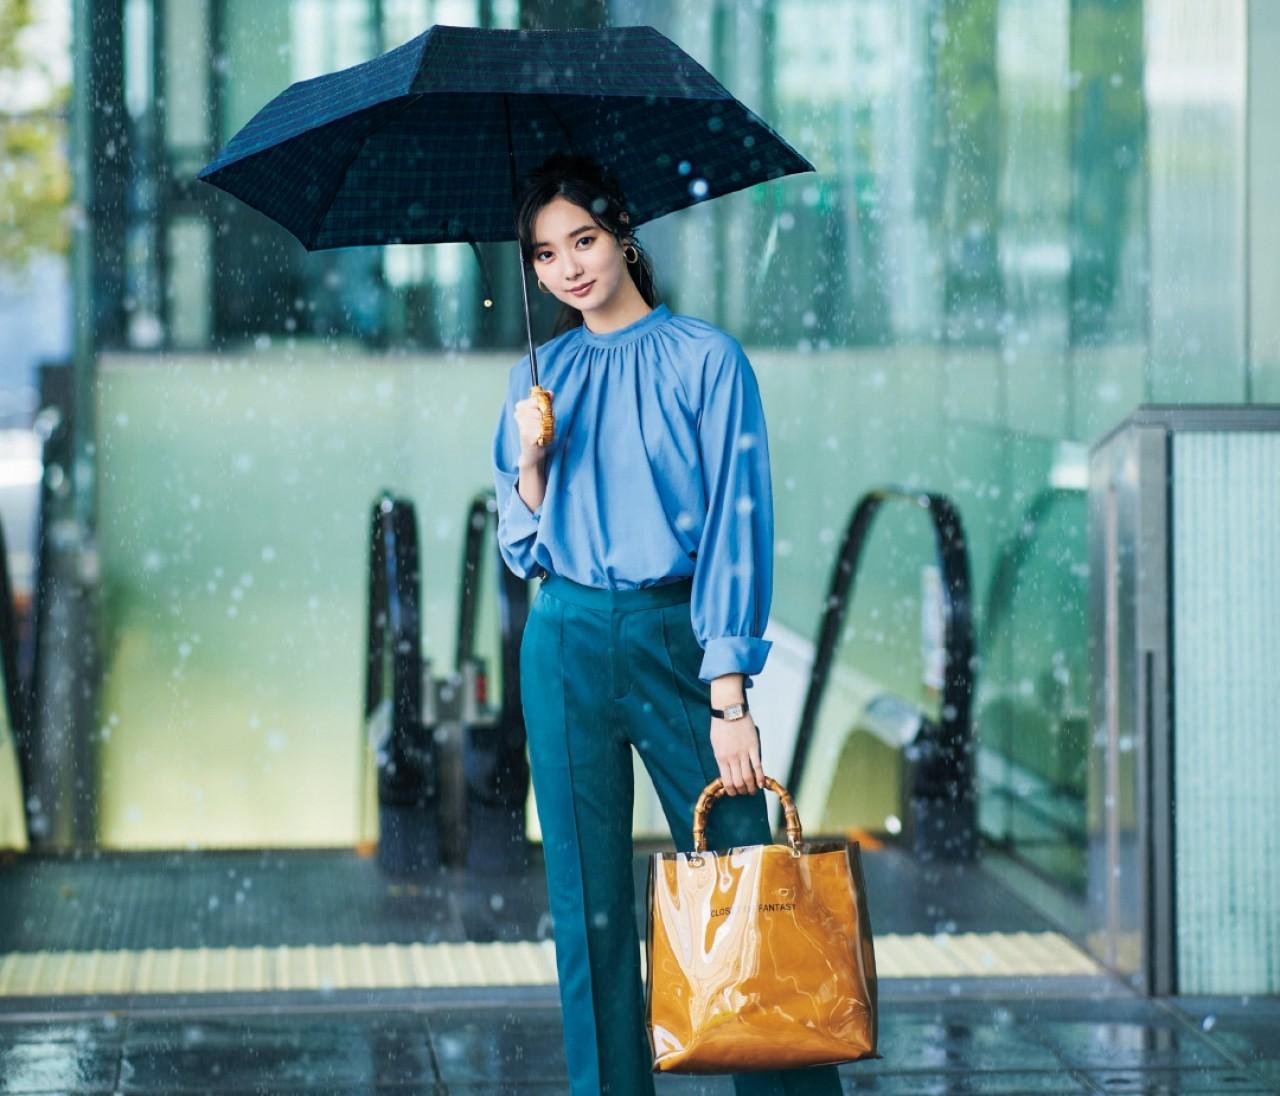 火曜日は、お気に入りの傘と機能性アイテムで梅雨対策【30代今日のコーデ】